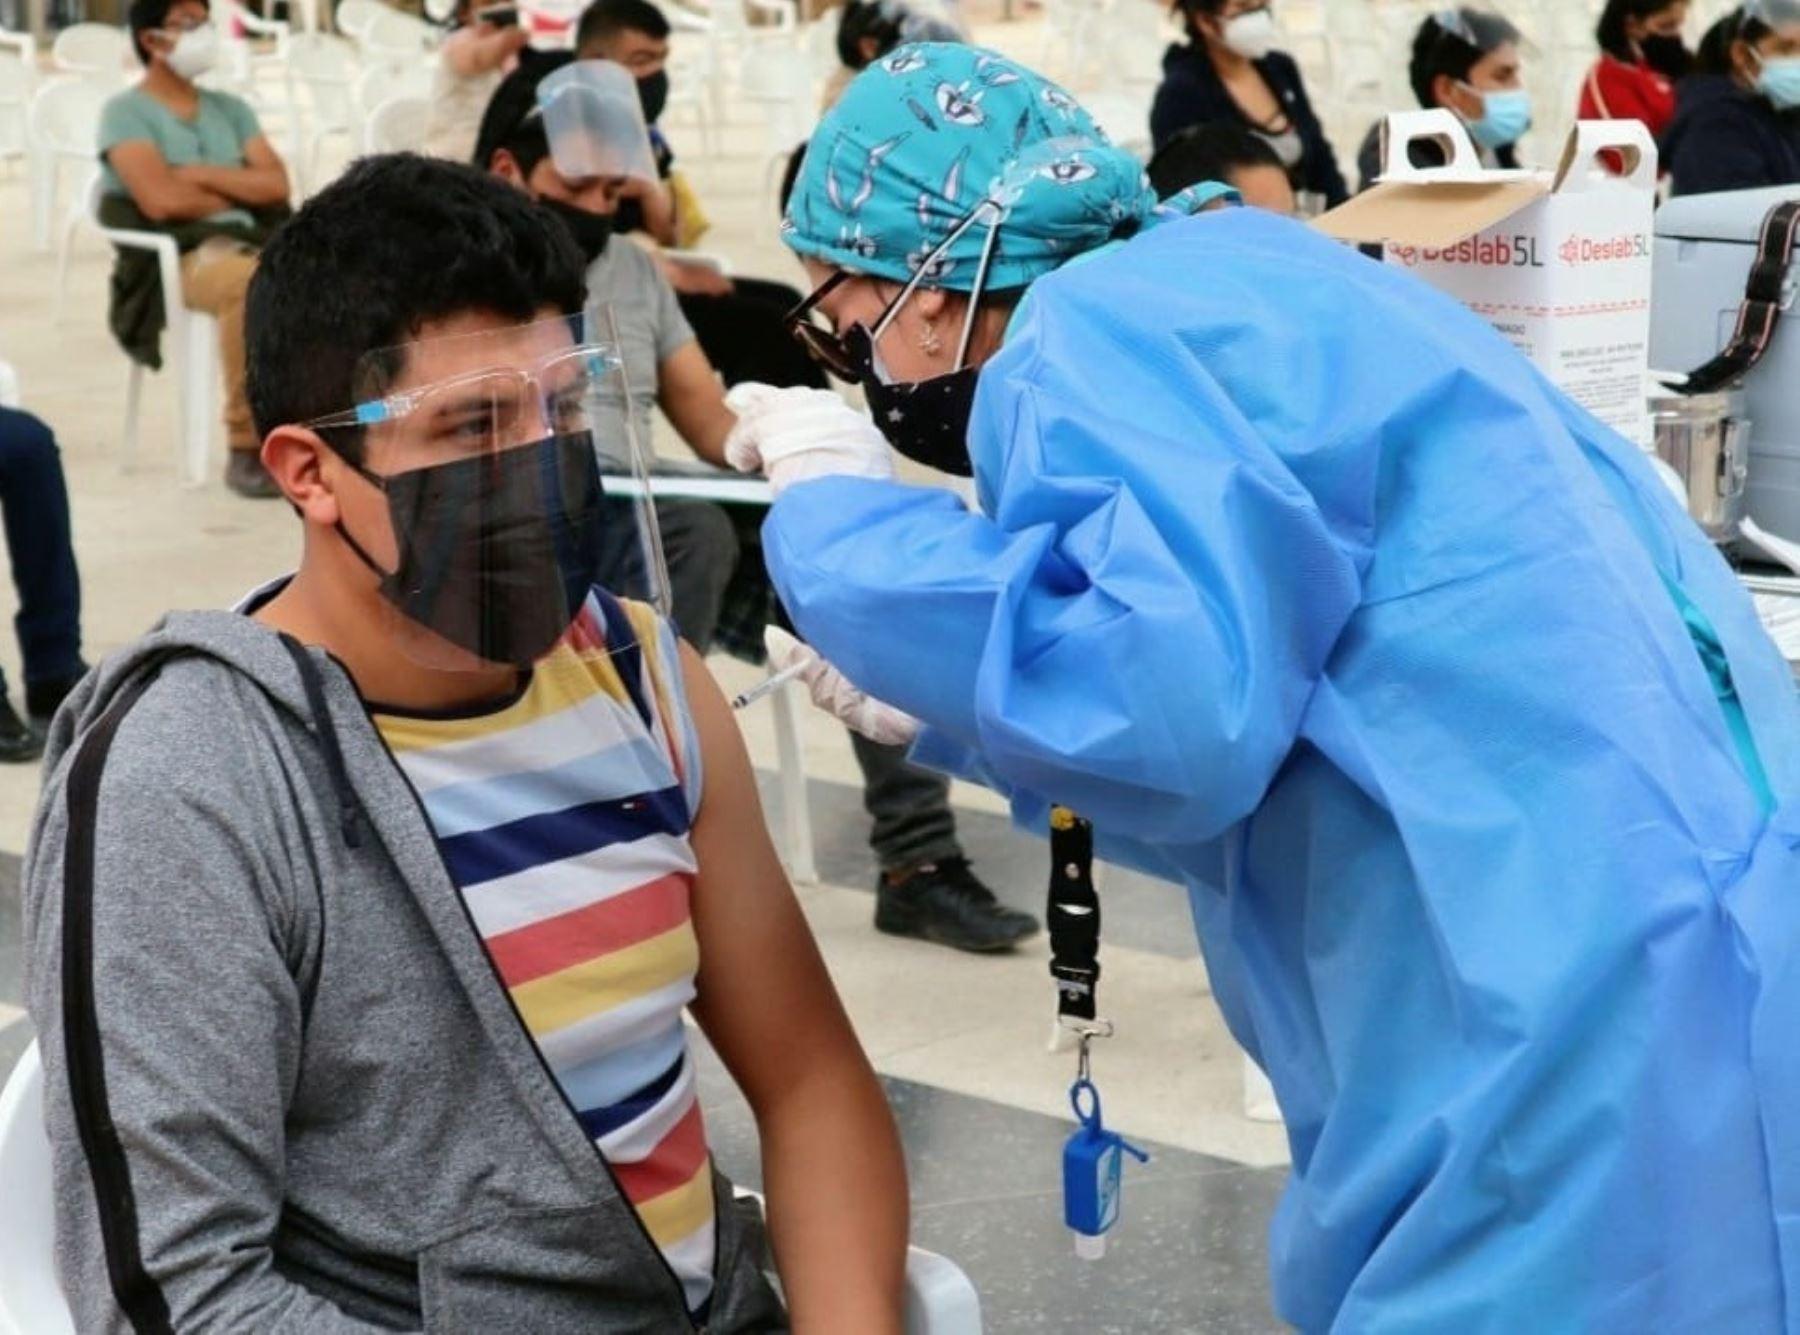 El Gobierno Regional de Junín exigirá la presentación del carné de vacunación contra el covid-19 que demuestre que el ciudadano recibió la dos dosis de la vacuna para poder asistir a espectáculos masivos. Foto: Pedro Tinoco